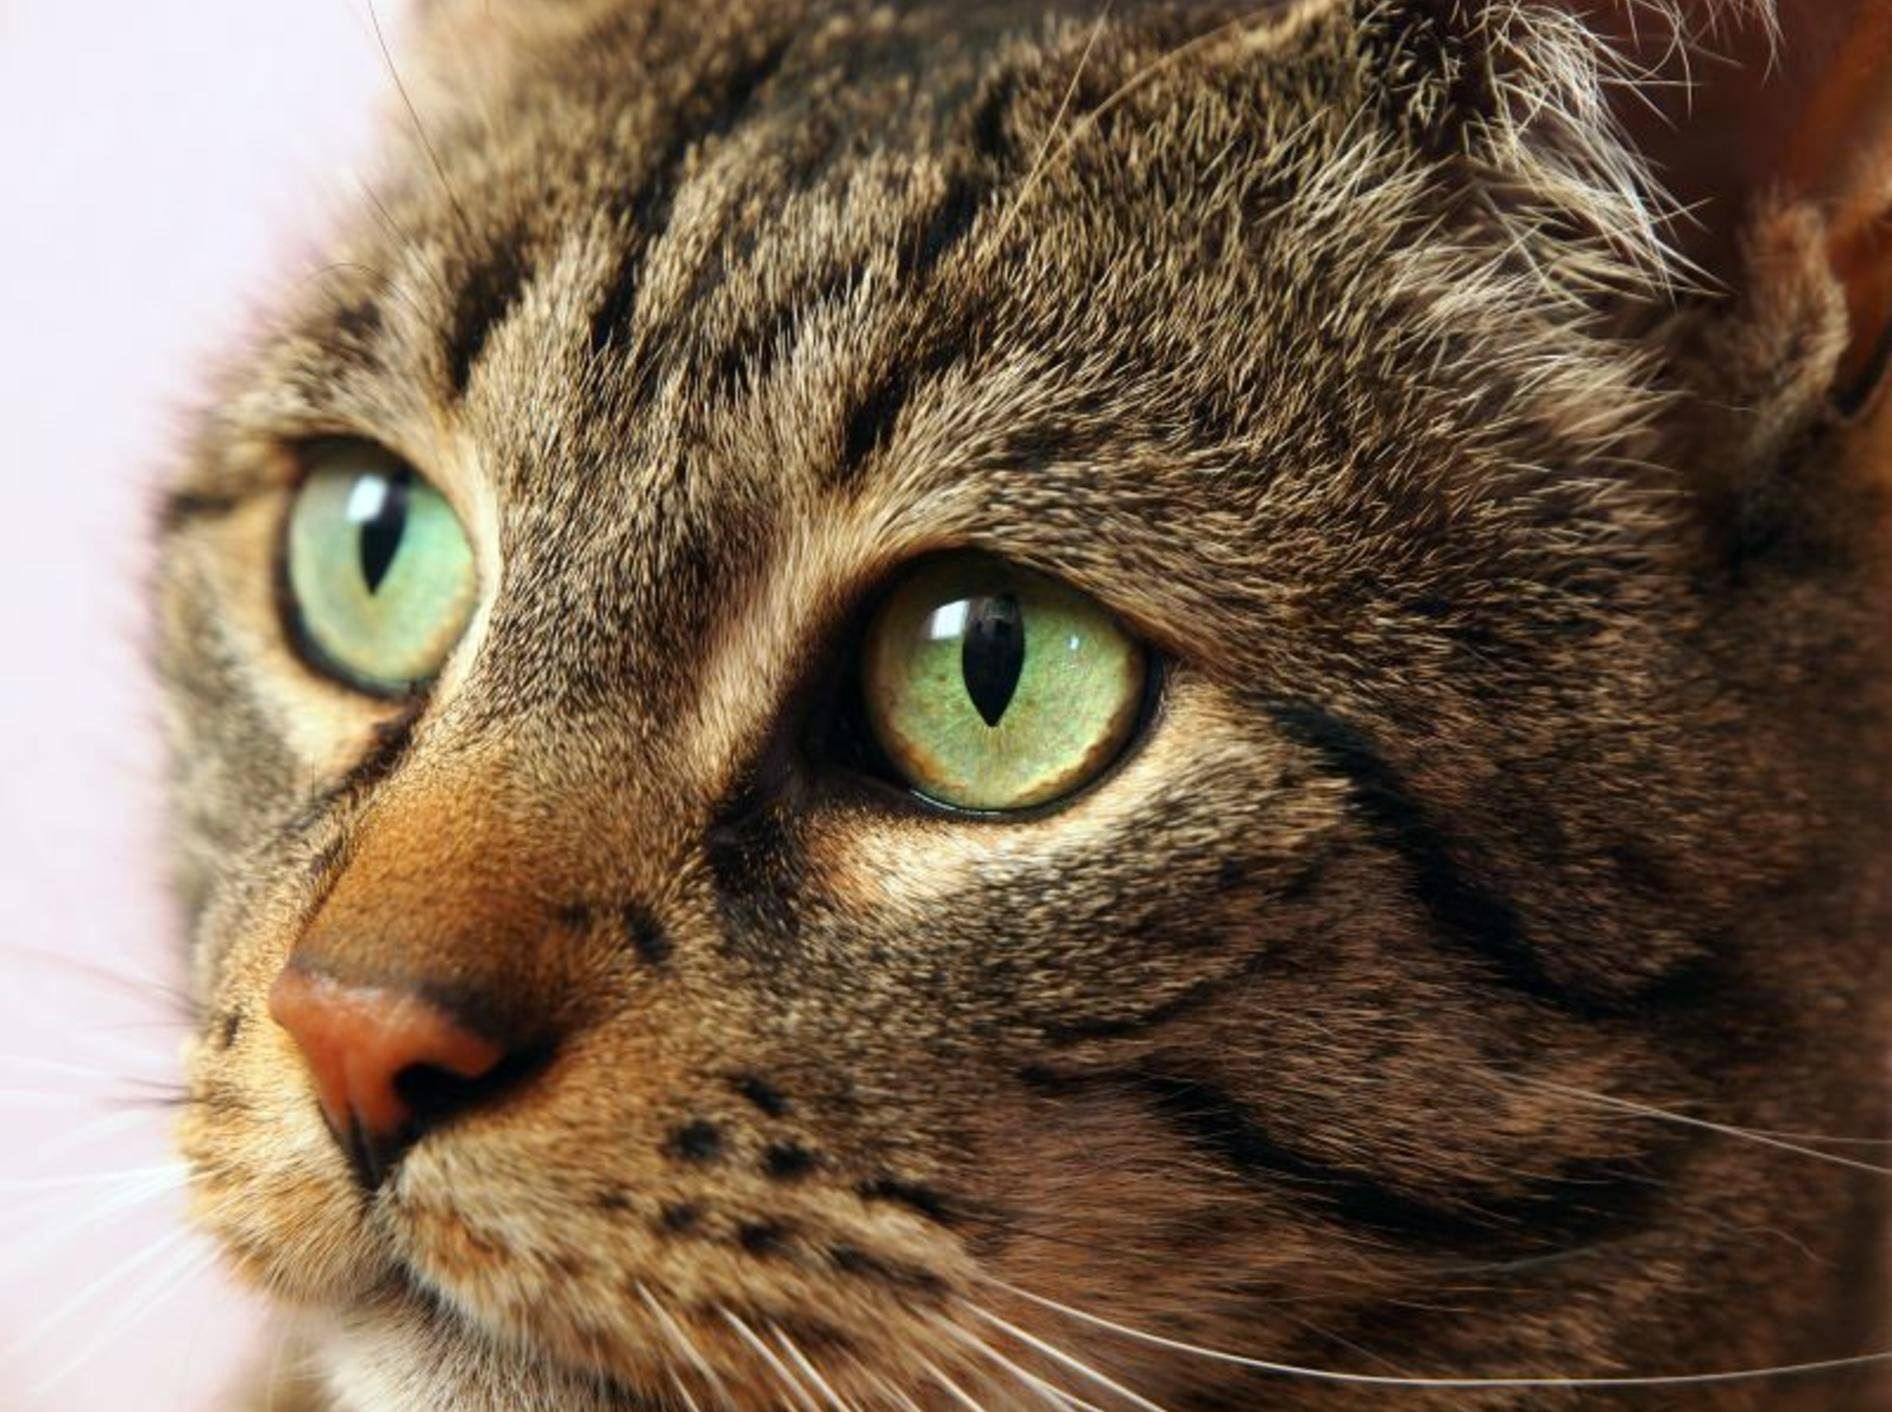 So sehen gesunde Katzenaugen aus – Bild: Shutterstock / Burkhard Trautsch